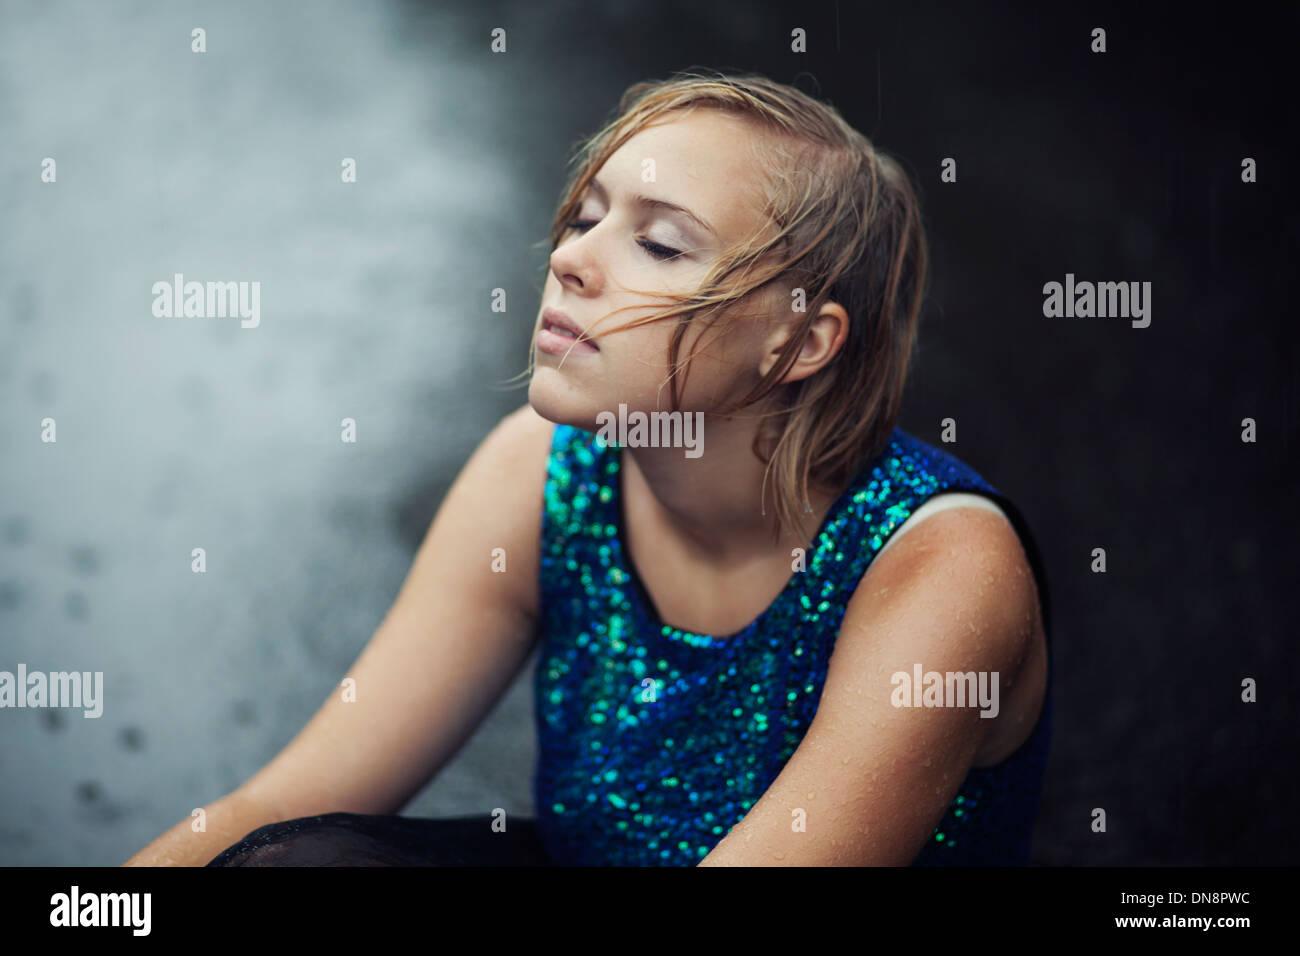 Junge Frau sitzt im Regen auf der Straße Stockbild